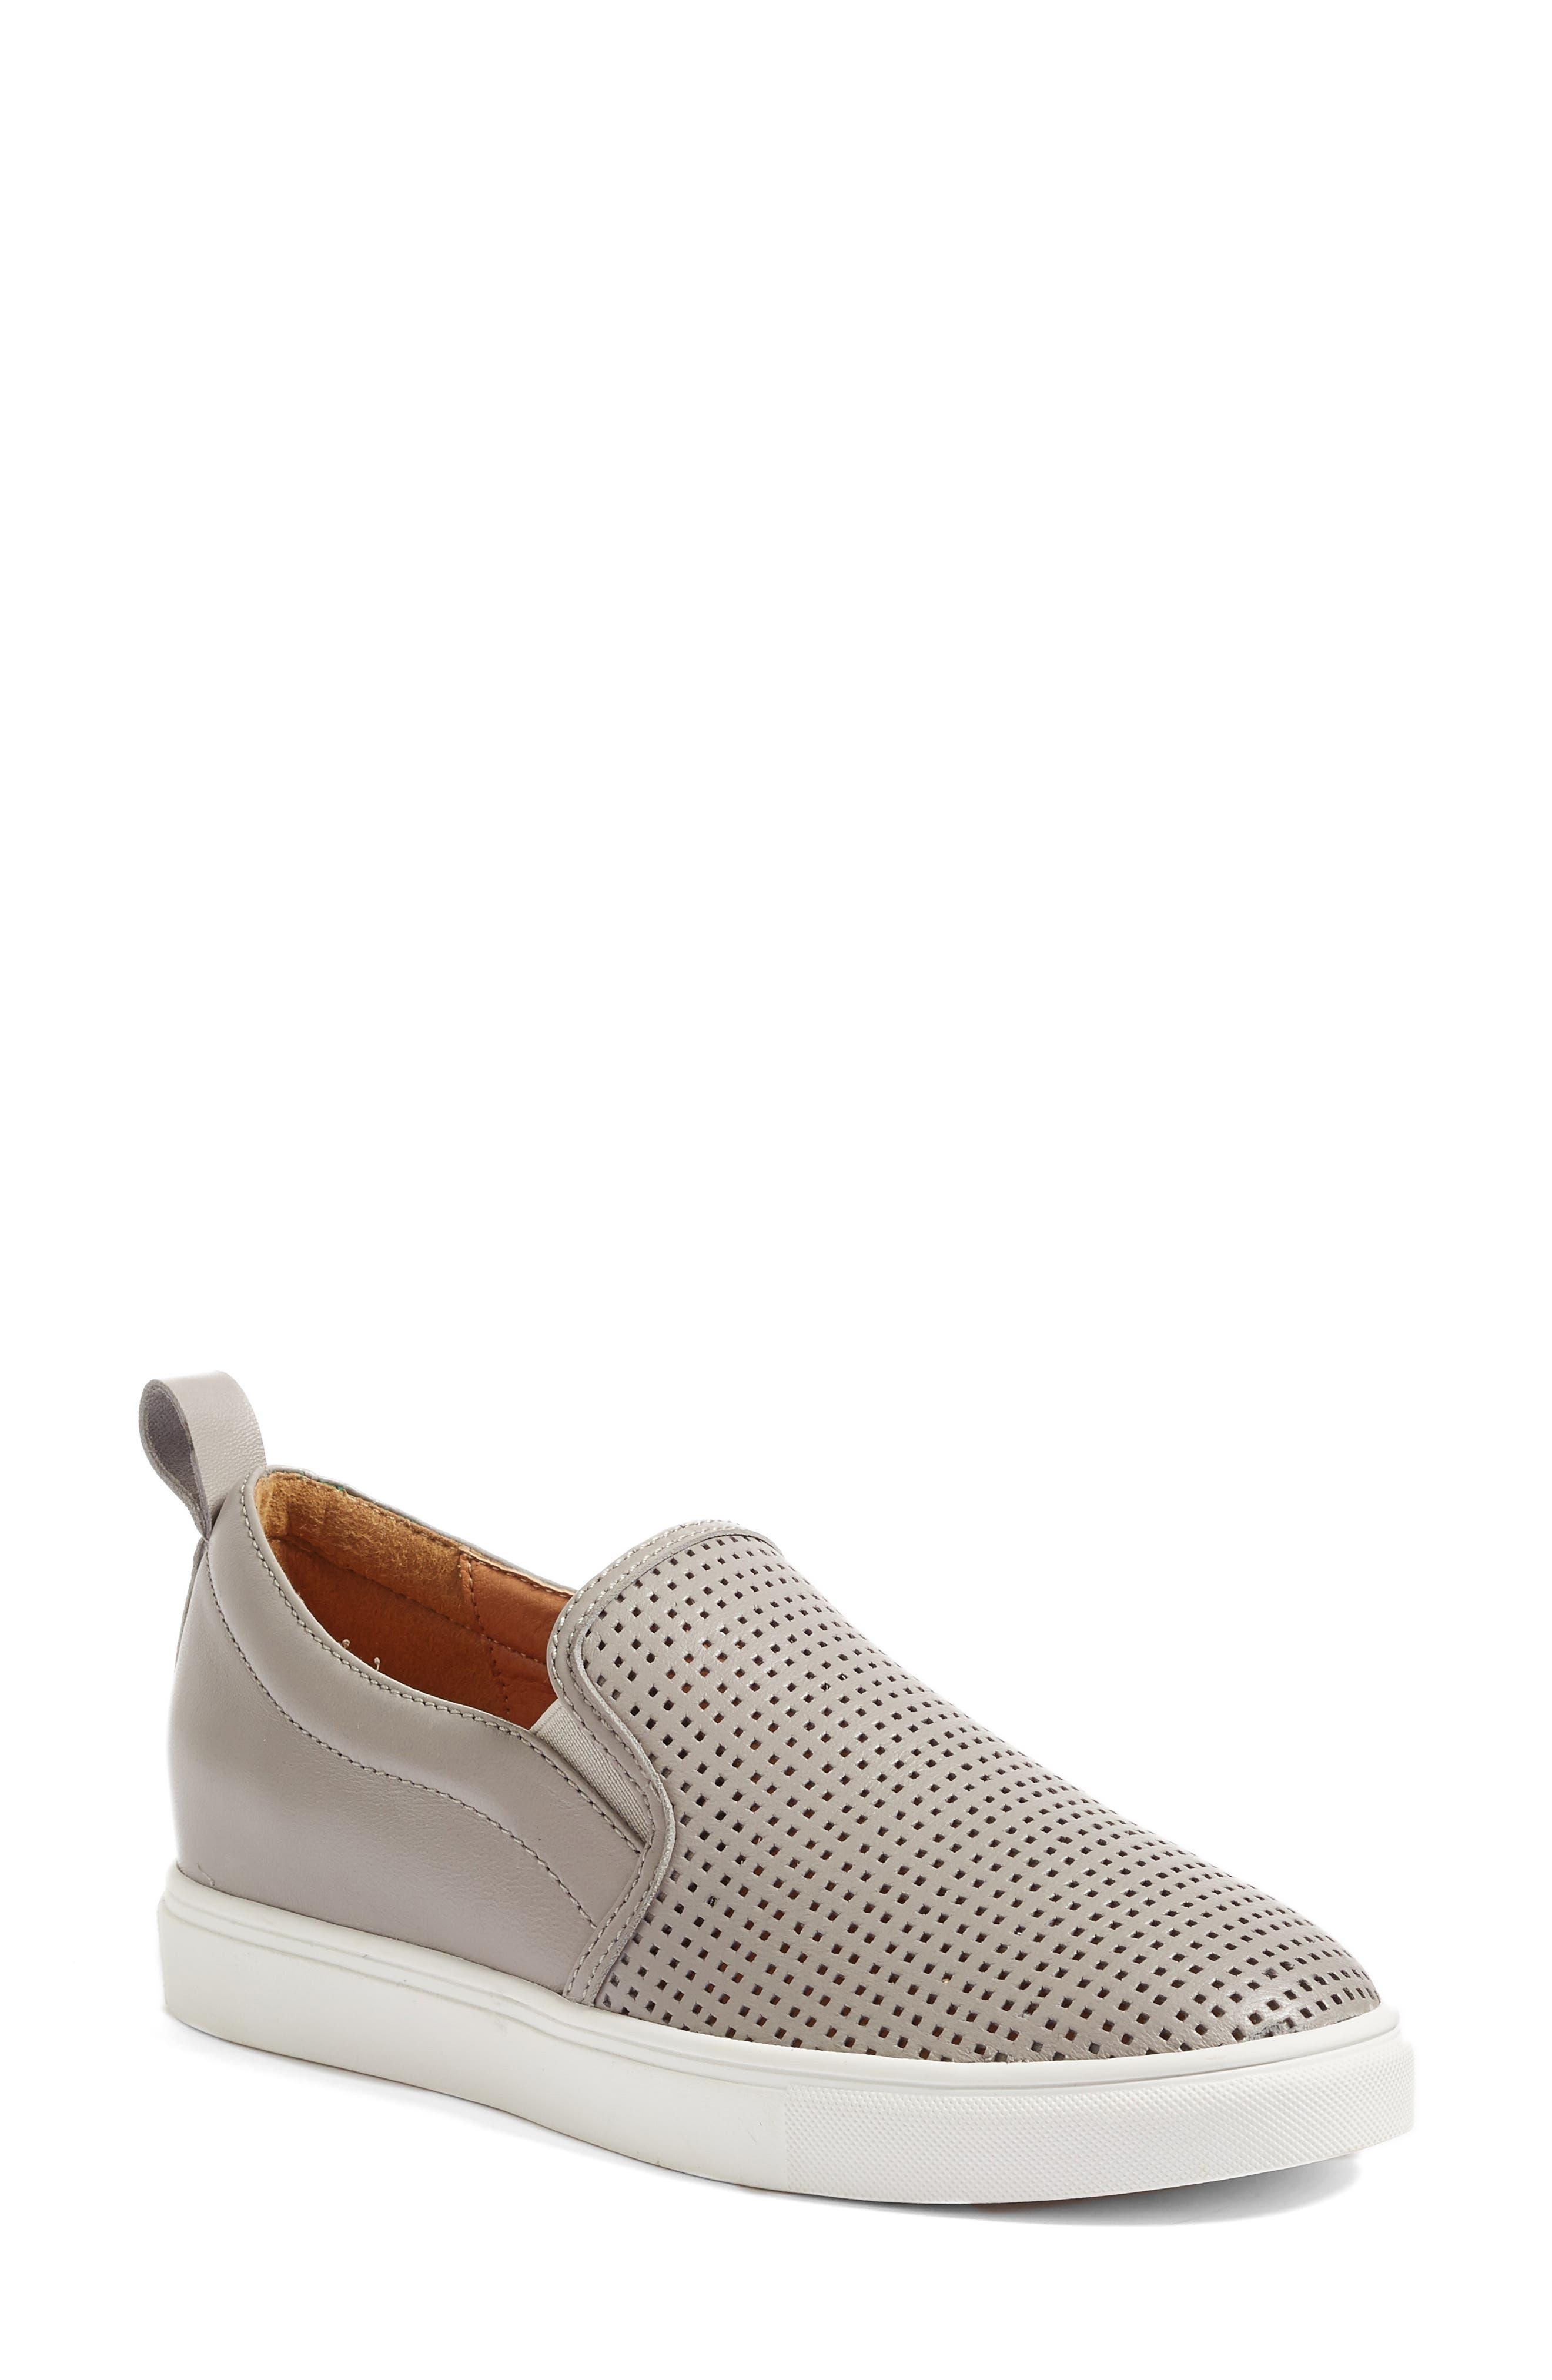 Eden Perforated Slip-On Sneaker,                             Alternate thumbnail 7, color,